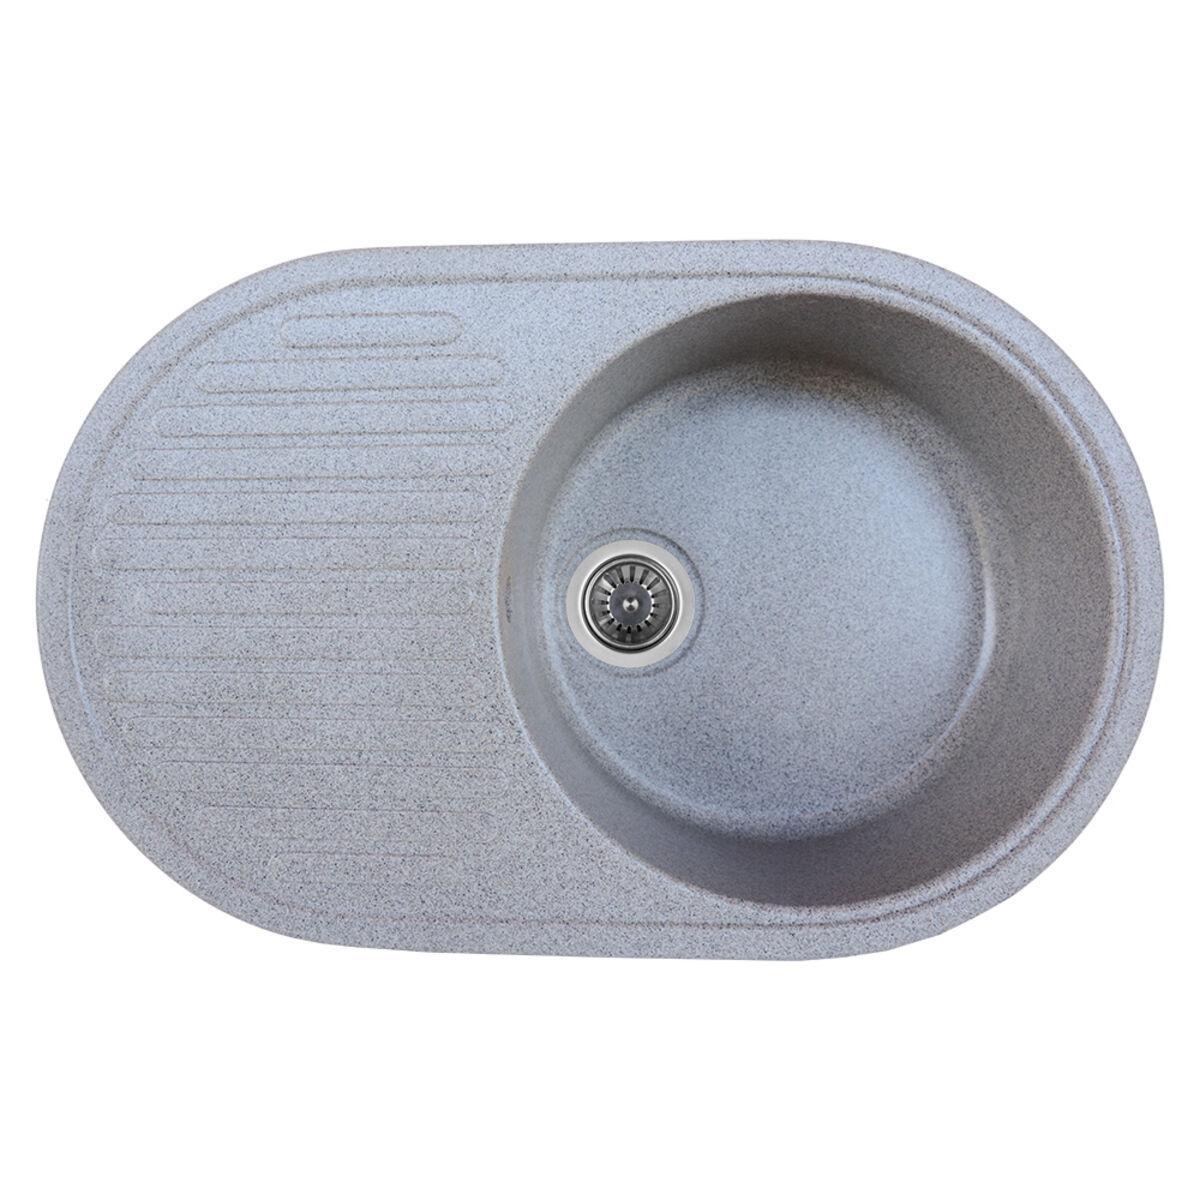 Гранітна мийка для кухні Platinum 7346 ASTORIA глянець Сіра